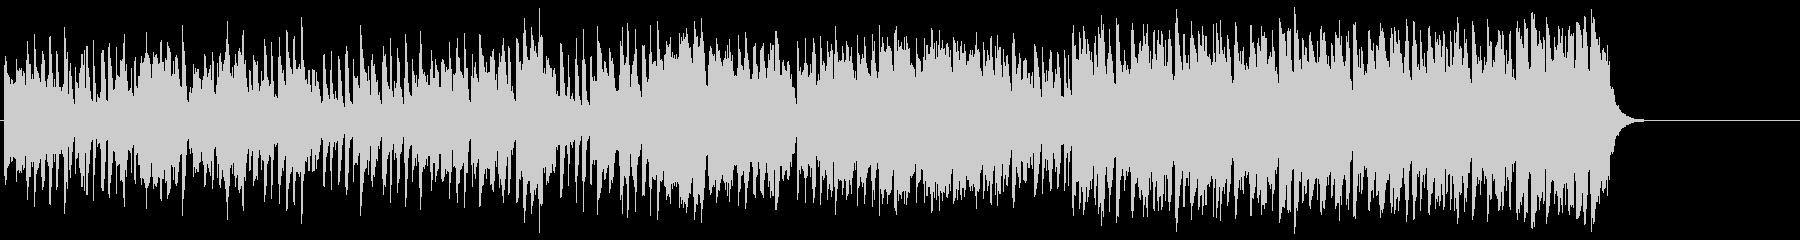 陽気なカントリー風ポップ(イントロ~…)の未再生の波形